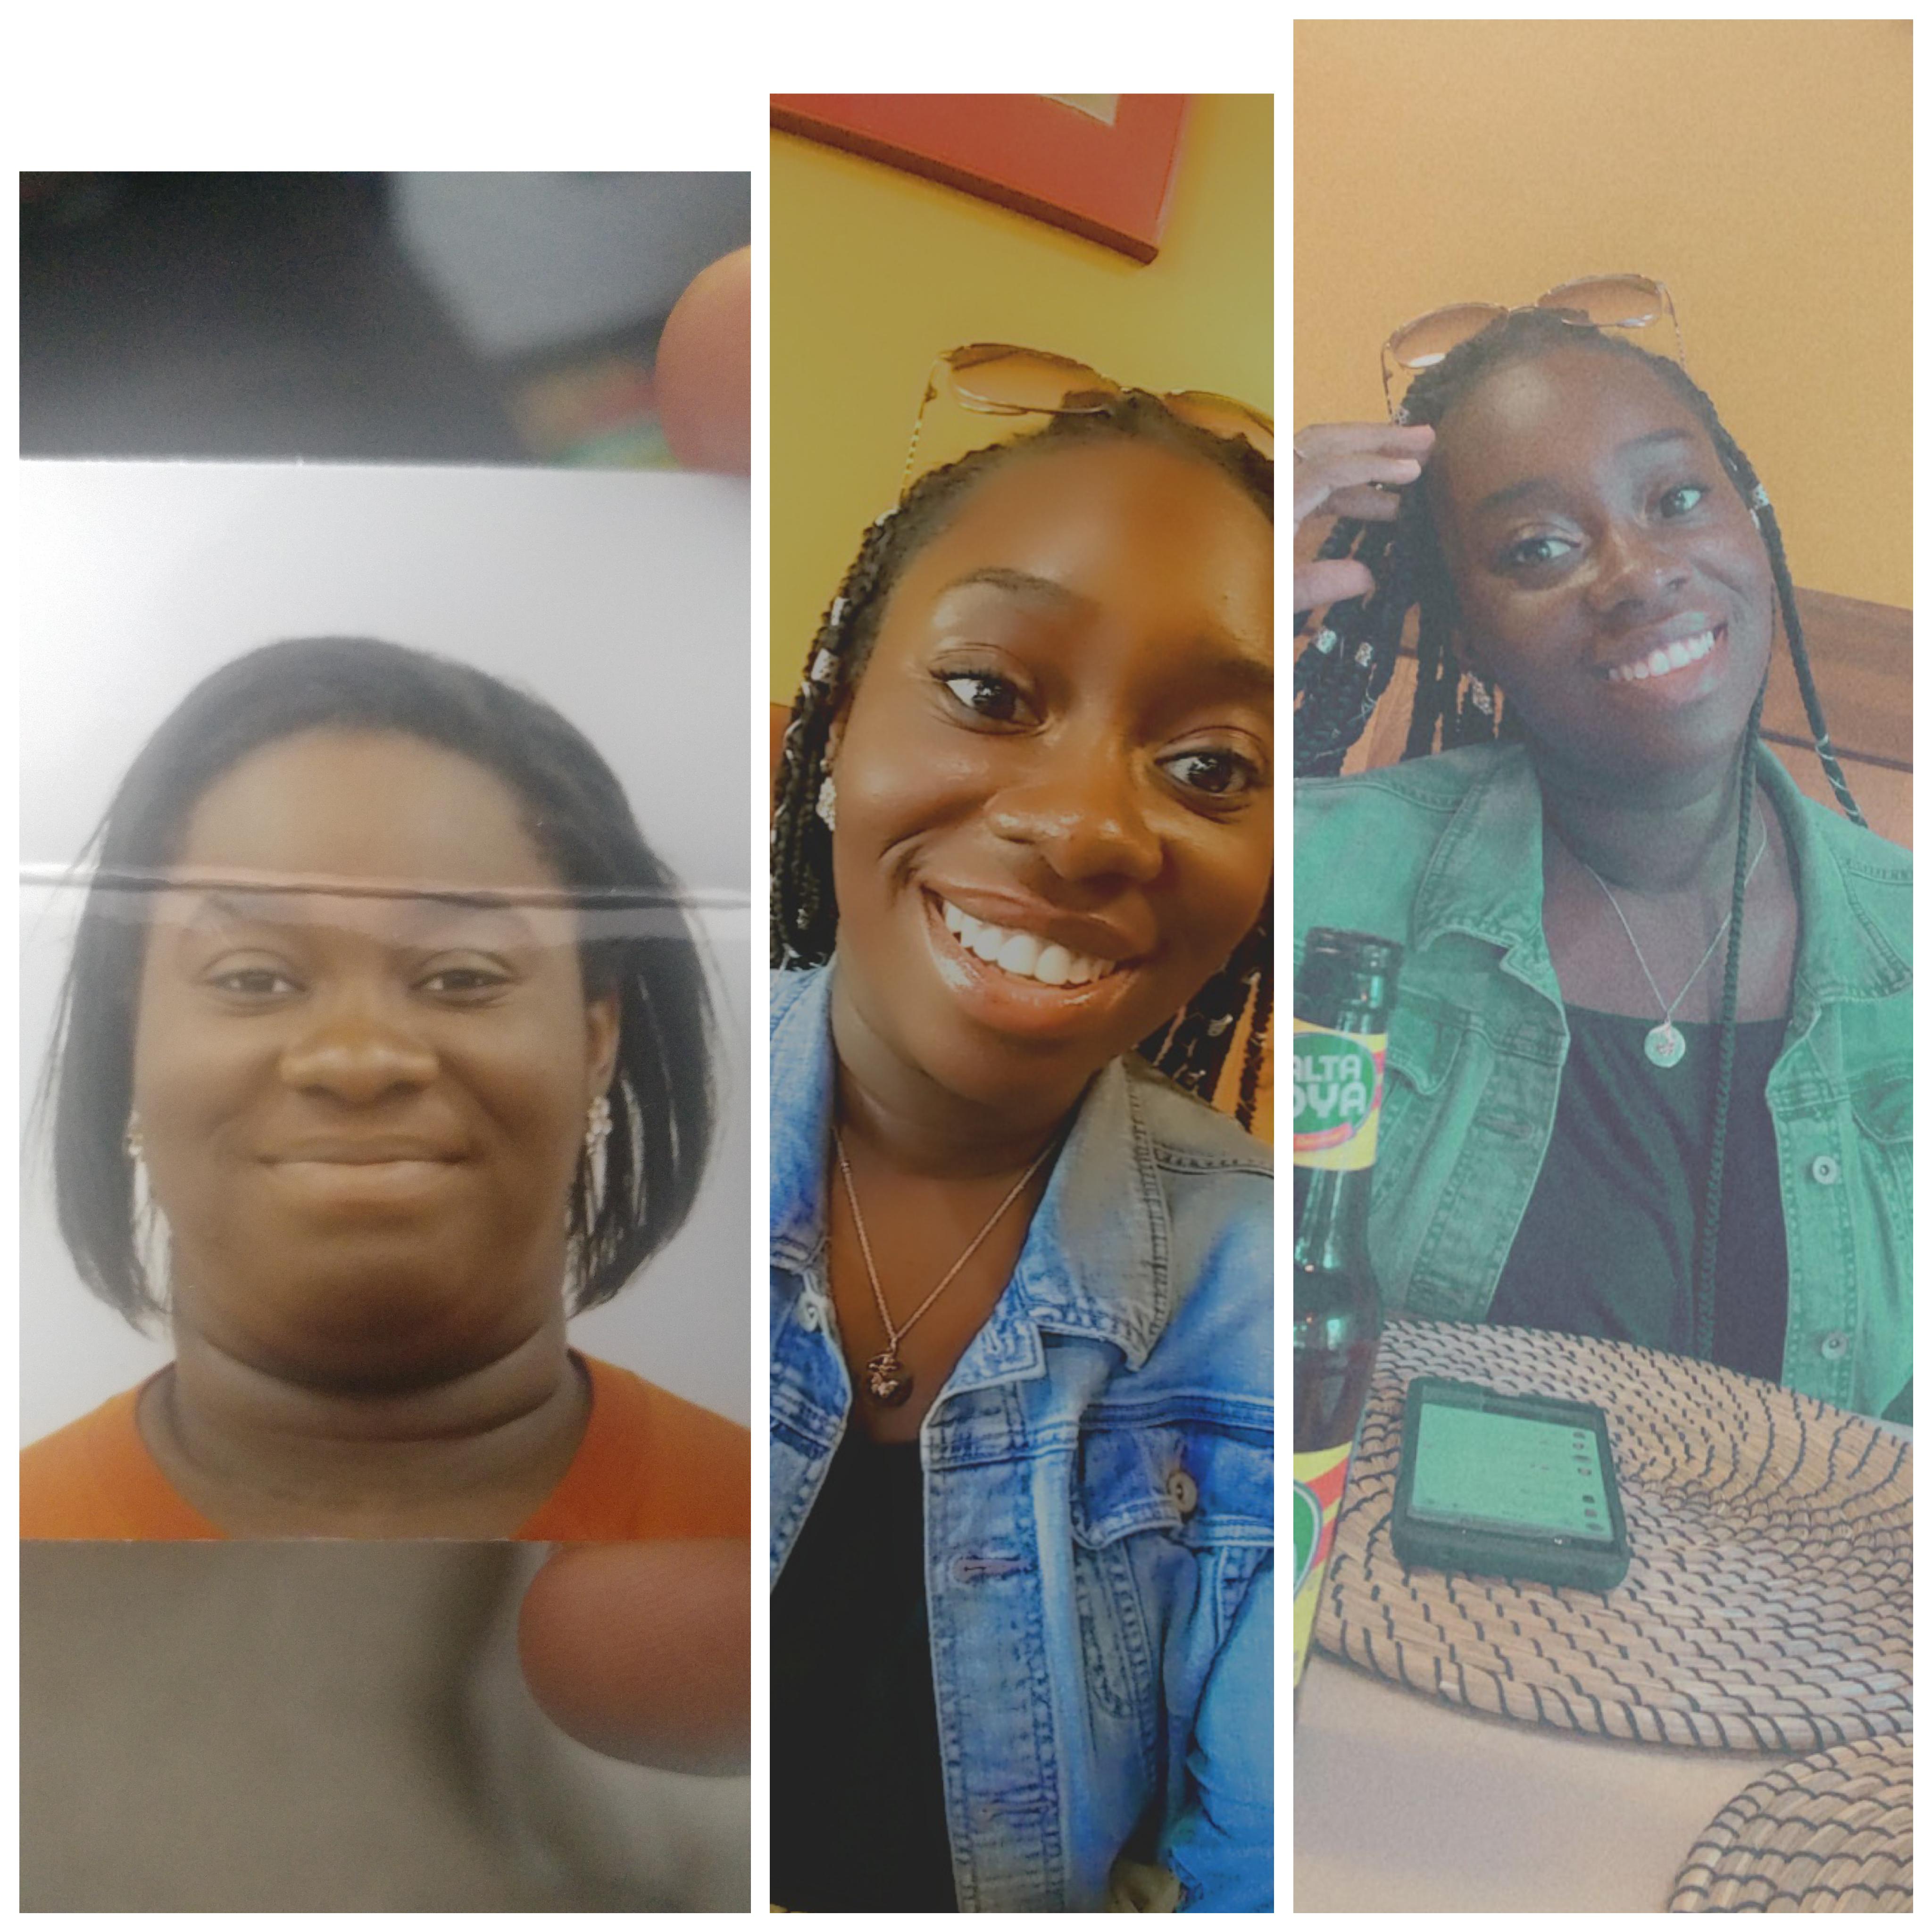 5'9 Female Progress Pics of 65 lbs Fat Loss 295 lbs to 230 lbs